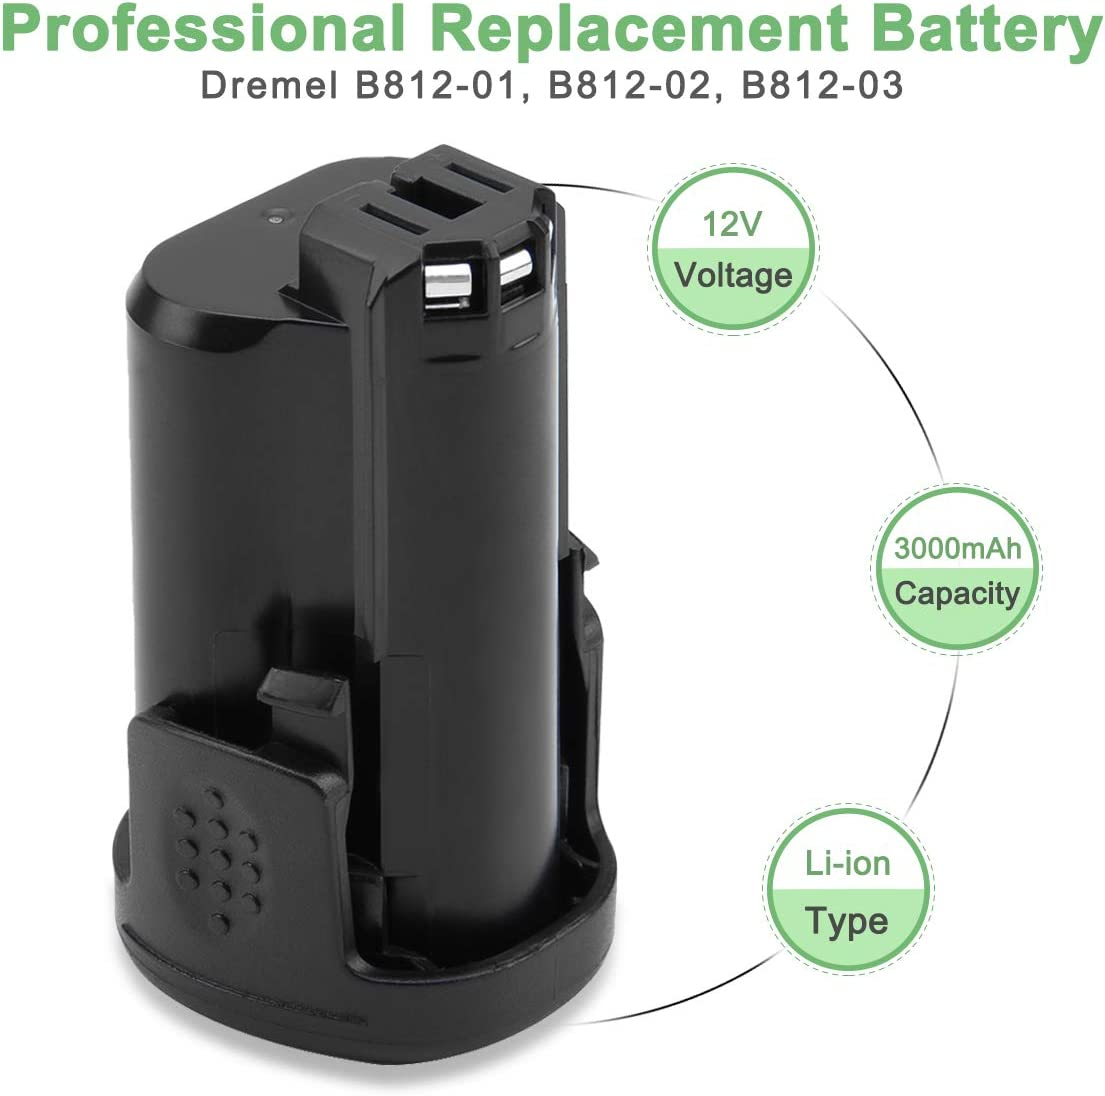 Shentec 12V 3000mAh Li-ion Batterie pour Dremel B812-03 compatible avec les outils sans fil Dremel 8200 8220 et 83